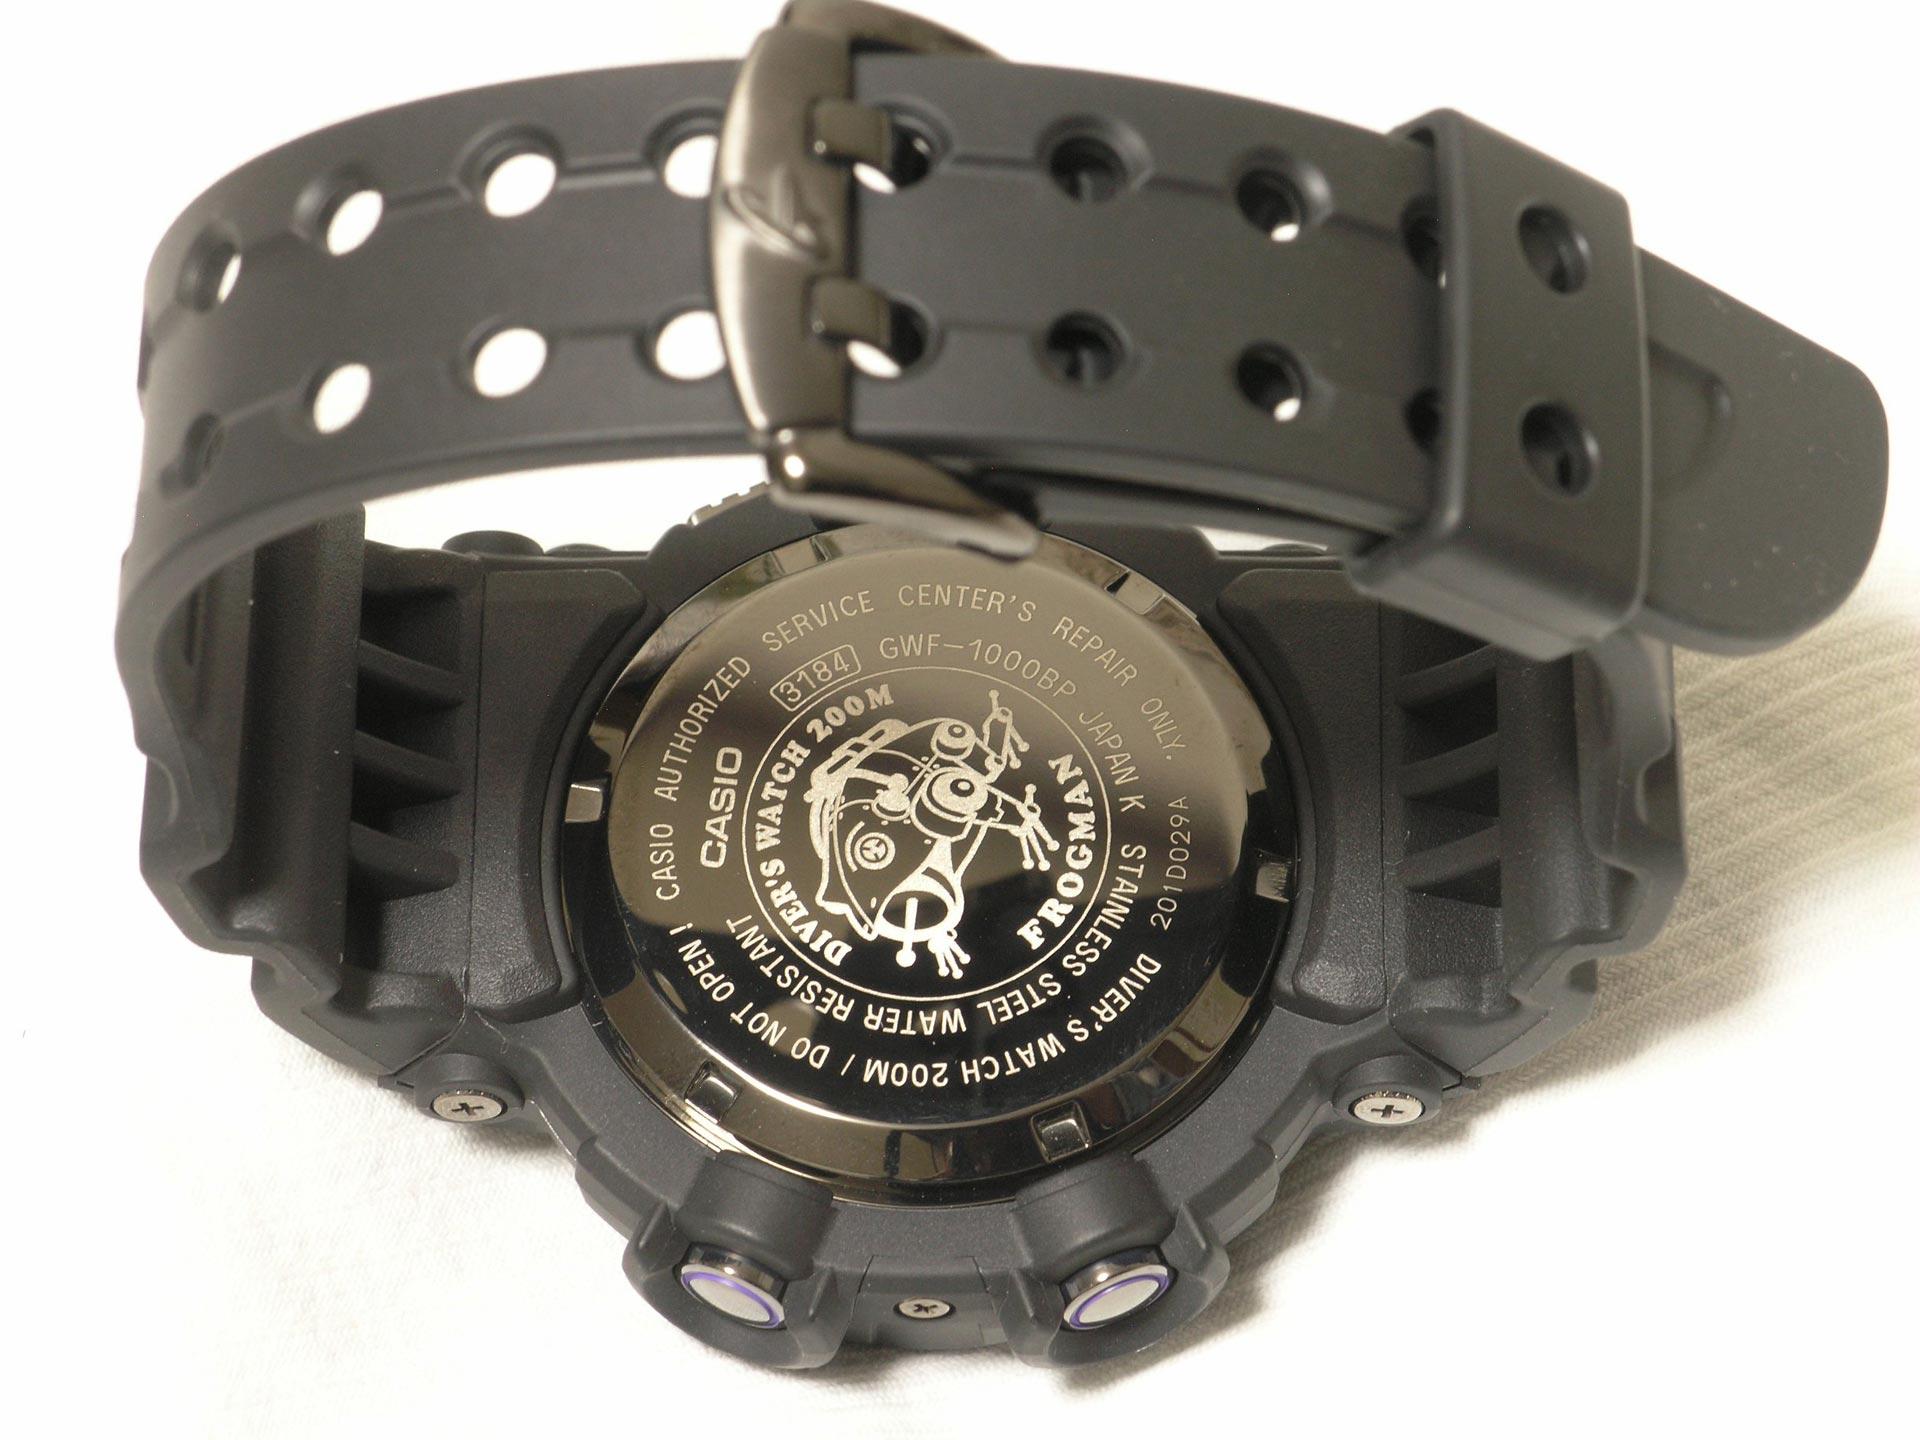 Casio G-Shock Frogman GWF-1000BP-1JF